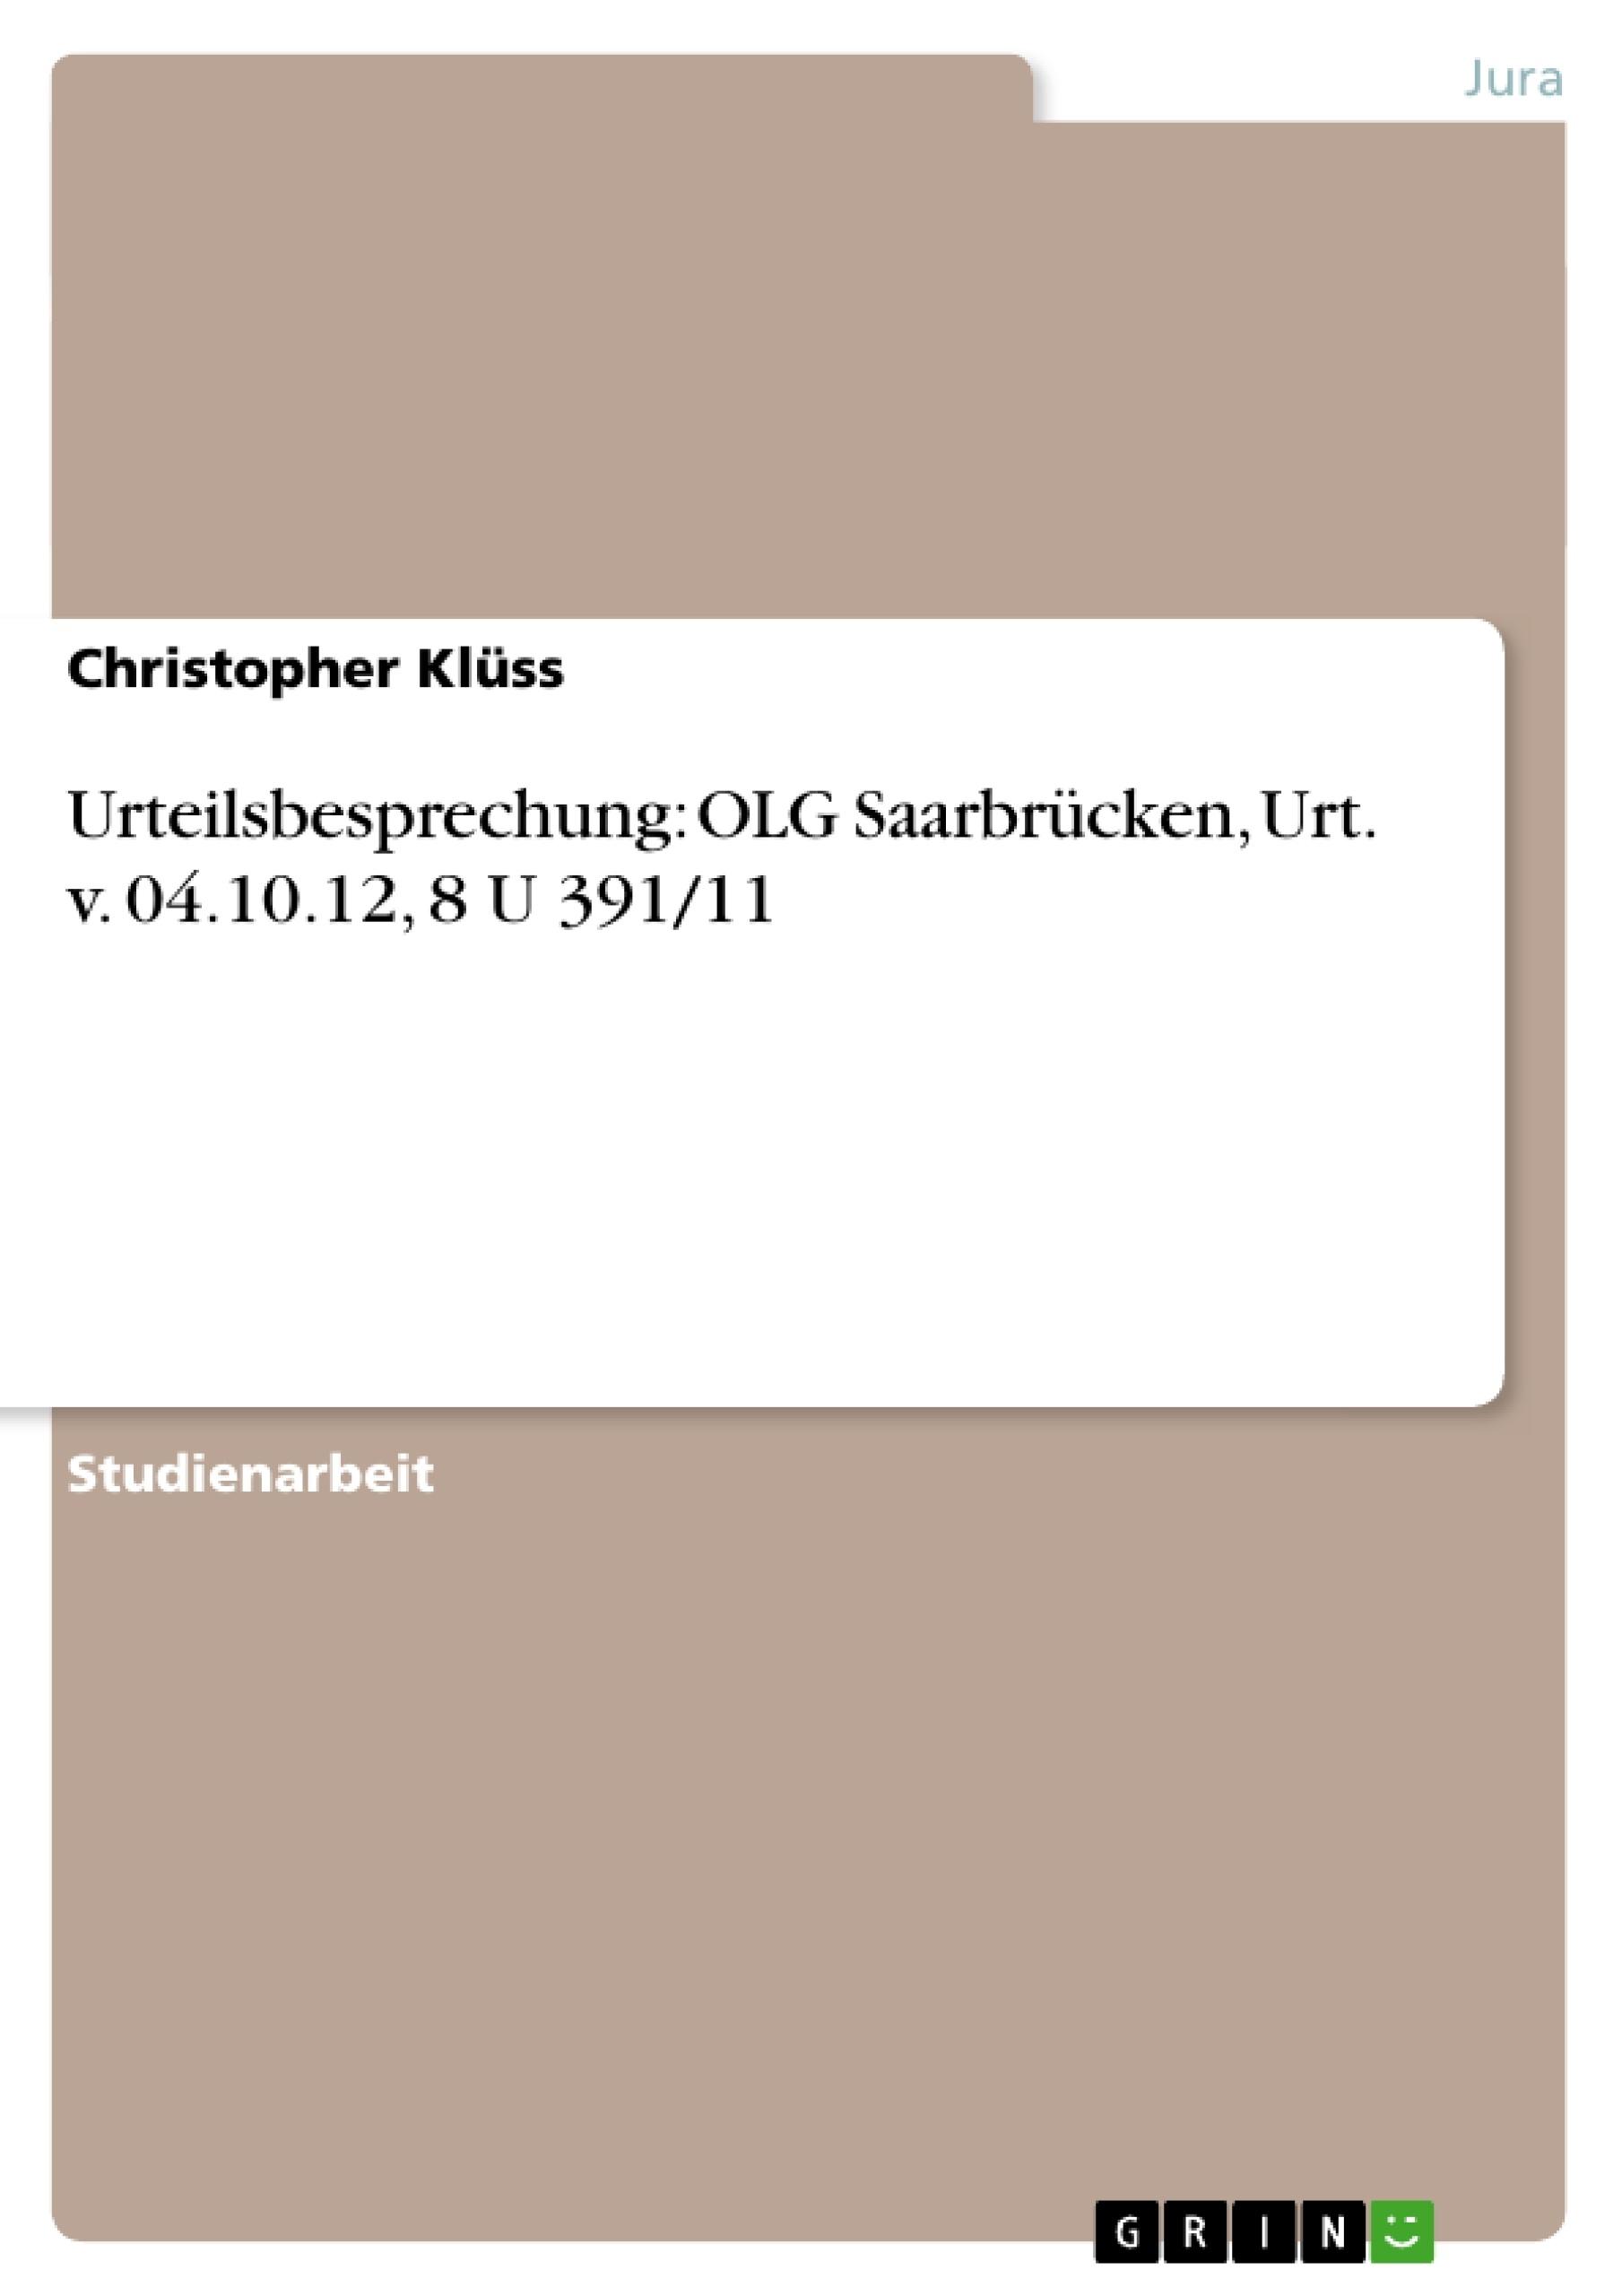 Titel: Urteilsbesprechung: OLG Saarbrücken, Urt. v. 04.10.12, 8 U 391/11